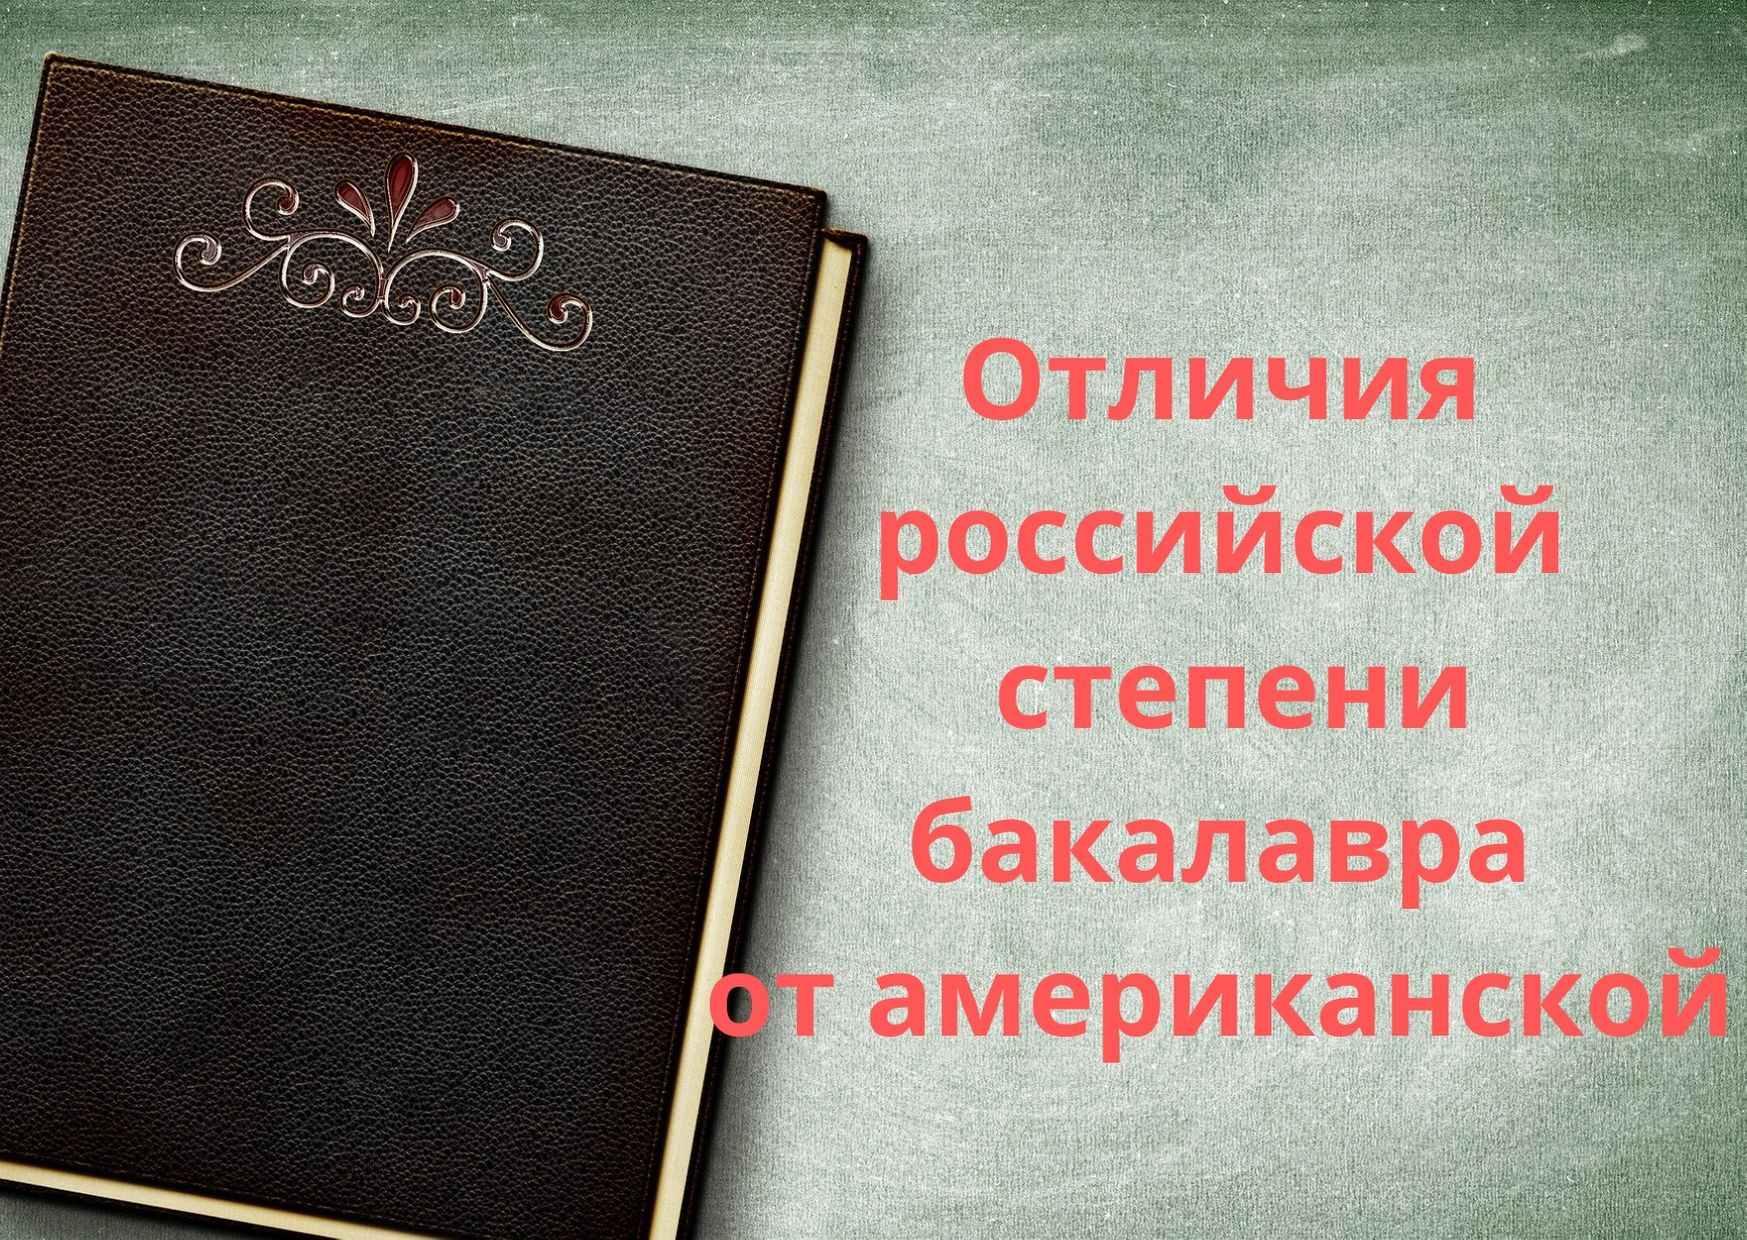 Отличия российской степени бакалавра от американской